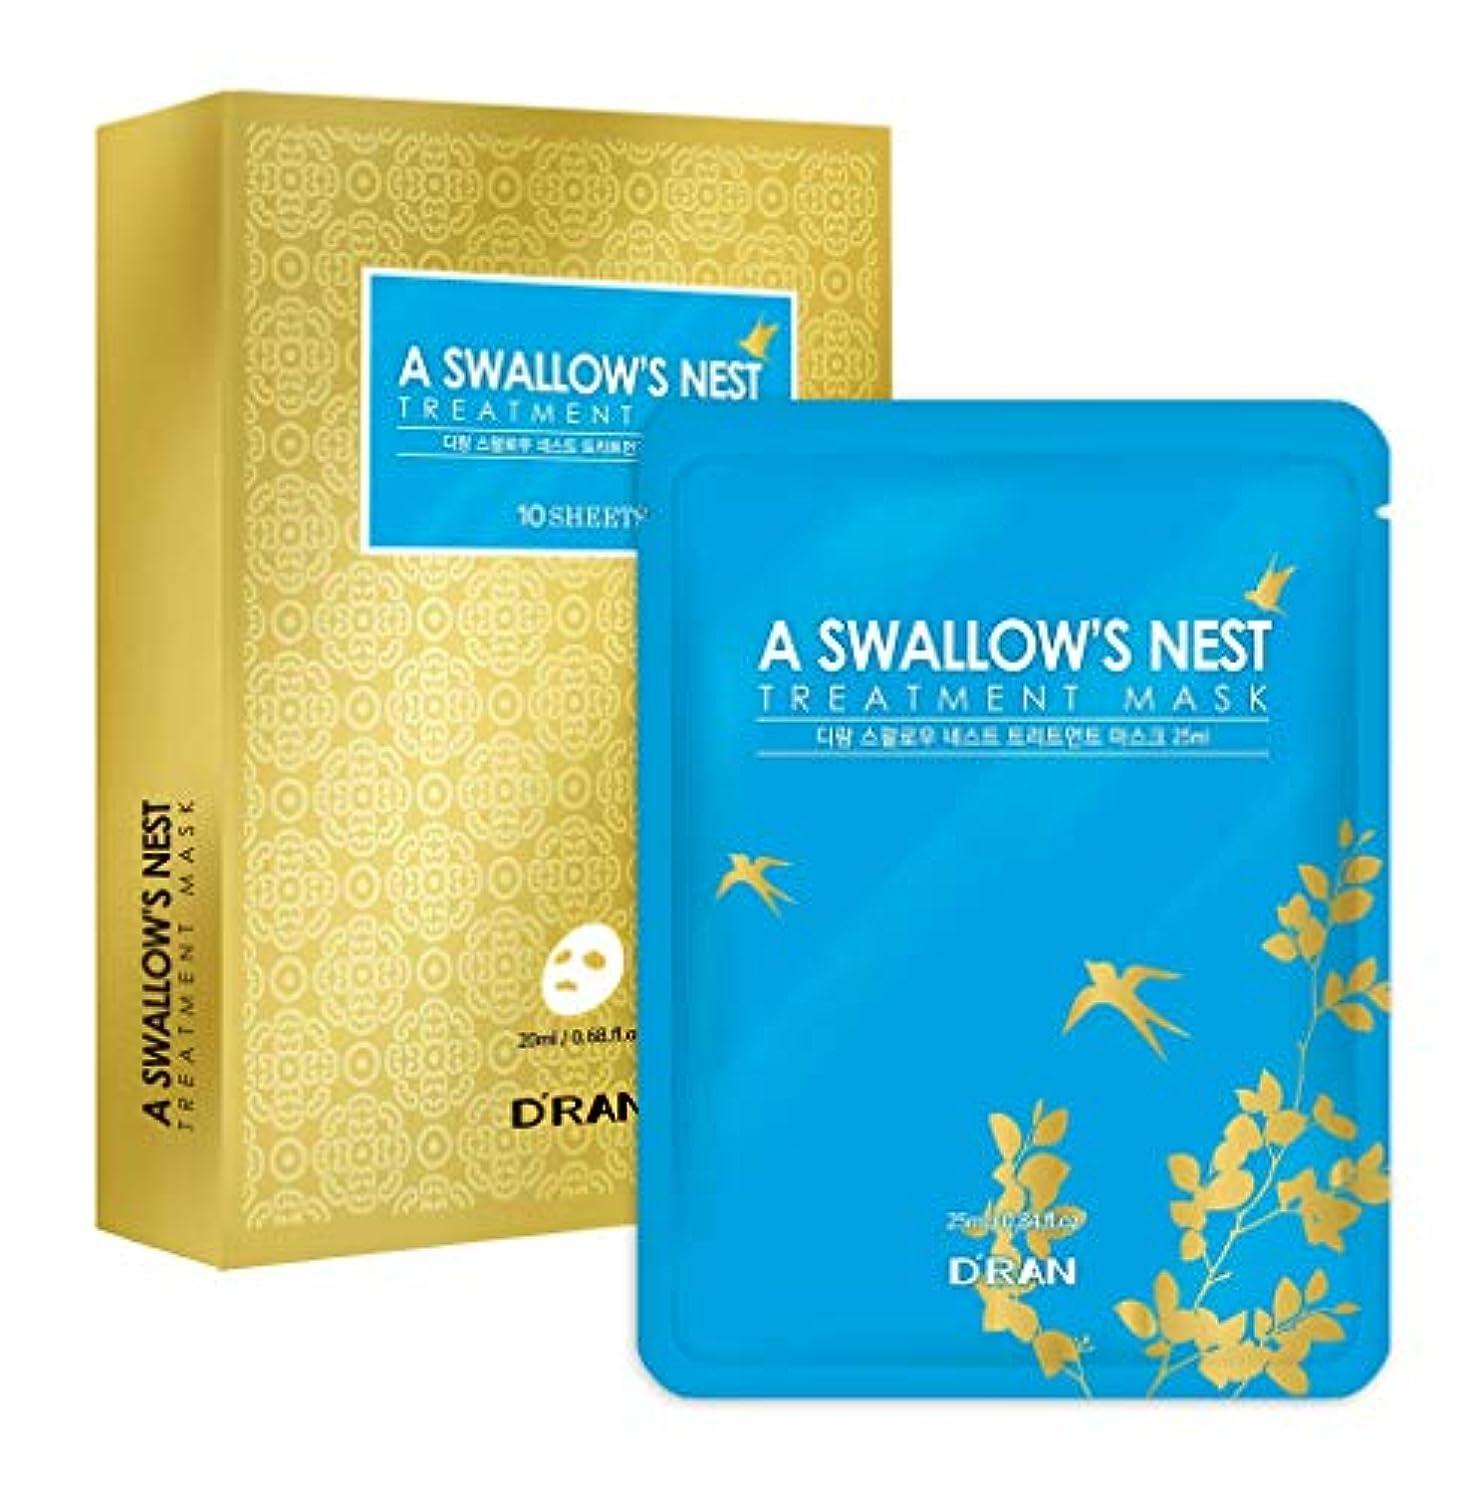 ラテンスクラブ日付New A Swallow's Nest Treatment Mask (1set_10pcs)